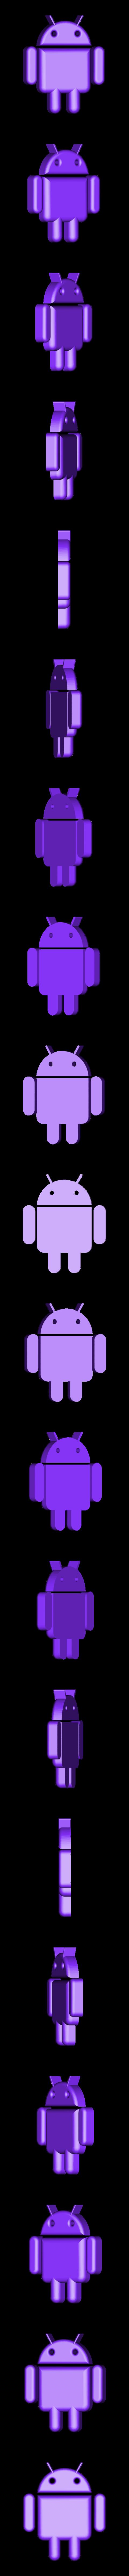 Android.STL Télécharger fichier STL gratuit Lampe de nuit/lampe de nuit Android Robot LED • Plan à imprimer en 3D, Balkhagal4D